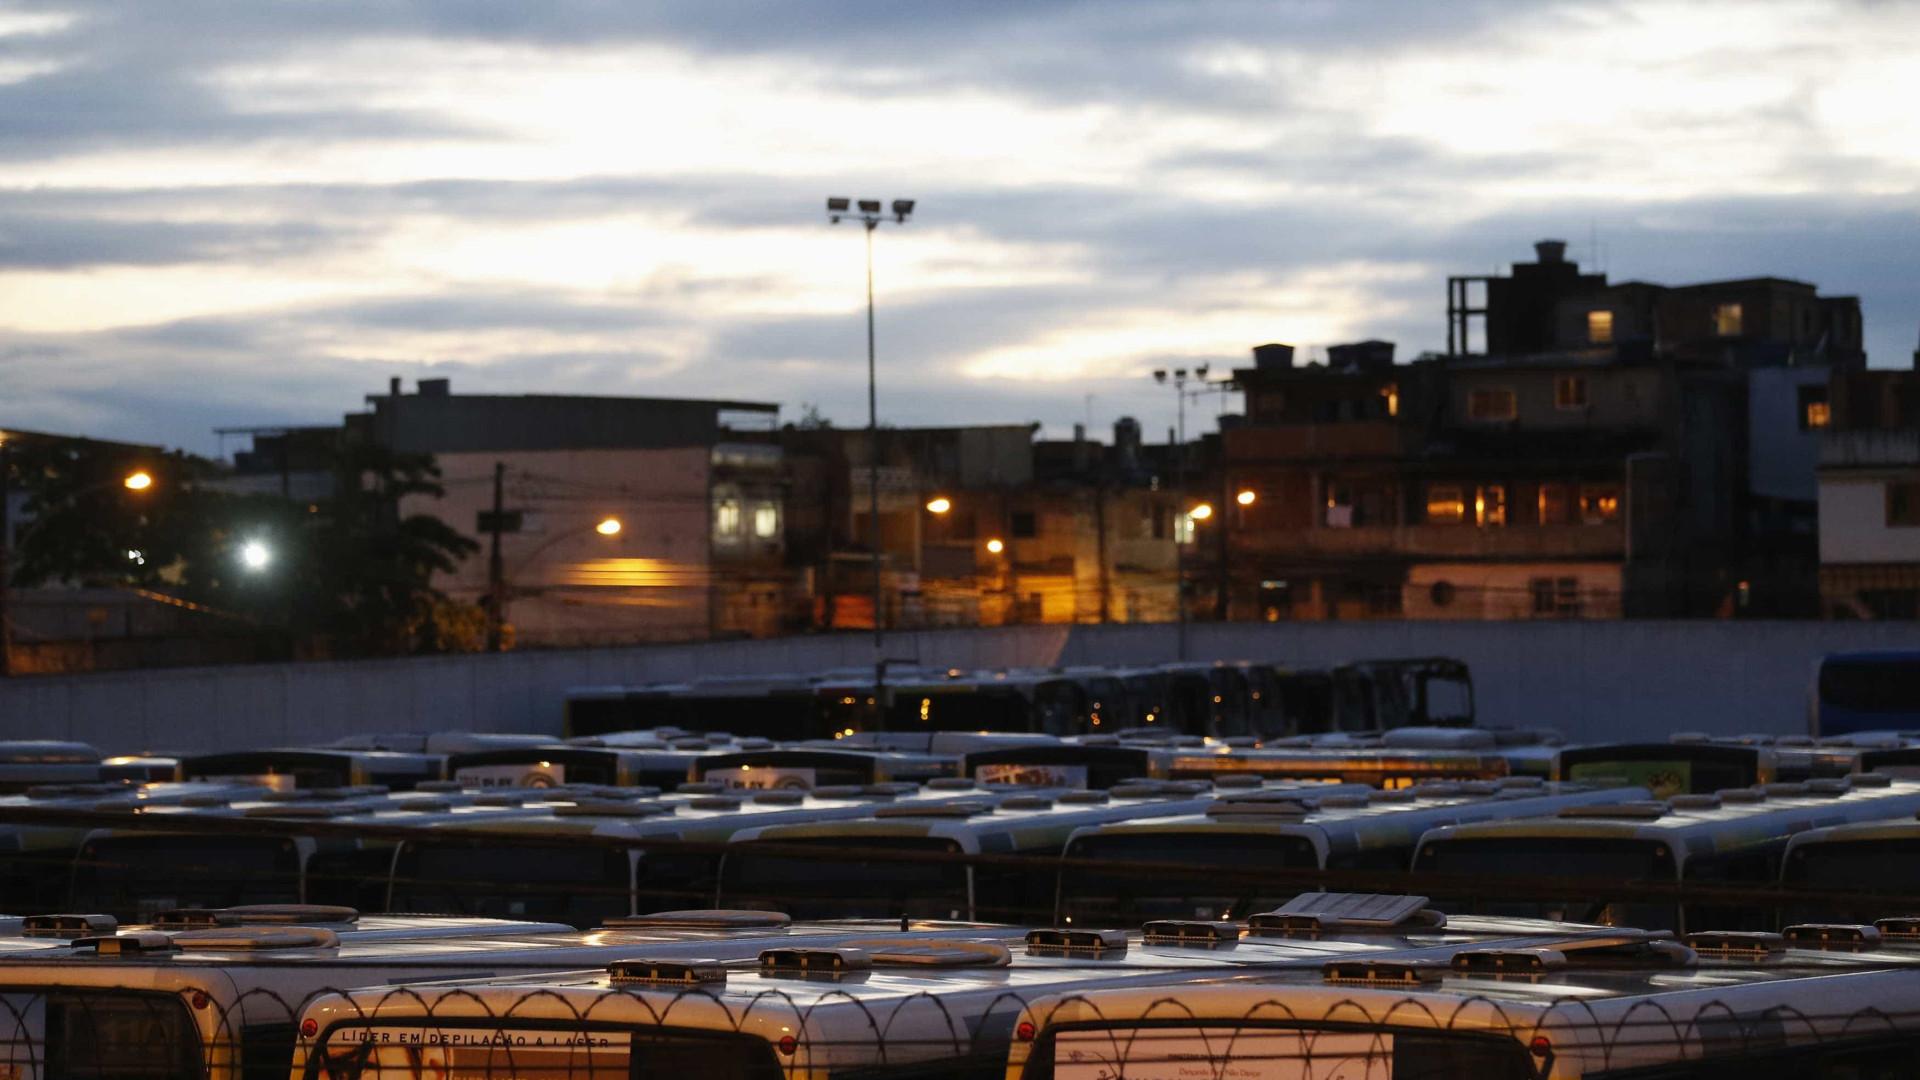 Paralisação de ônibus no RJ depende de disputa judicial